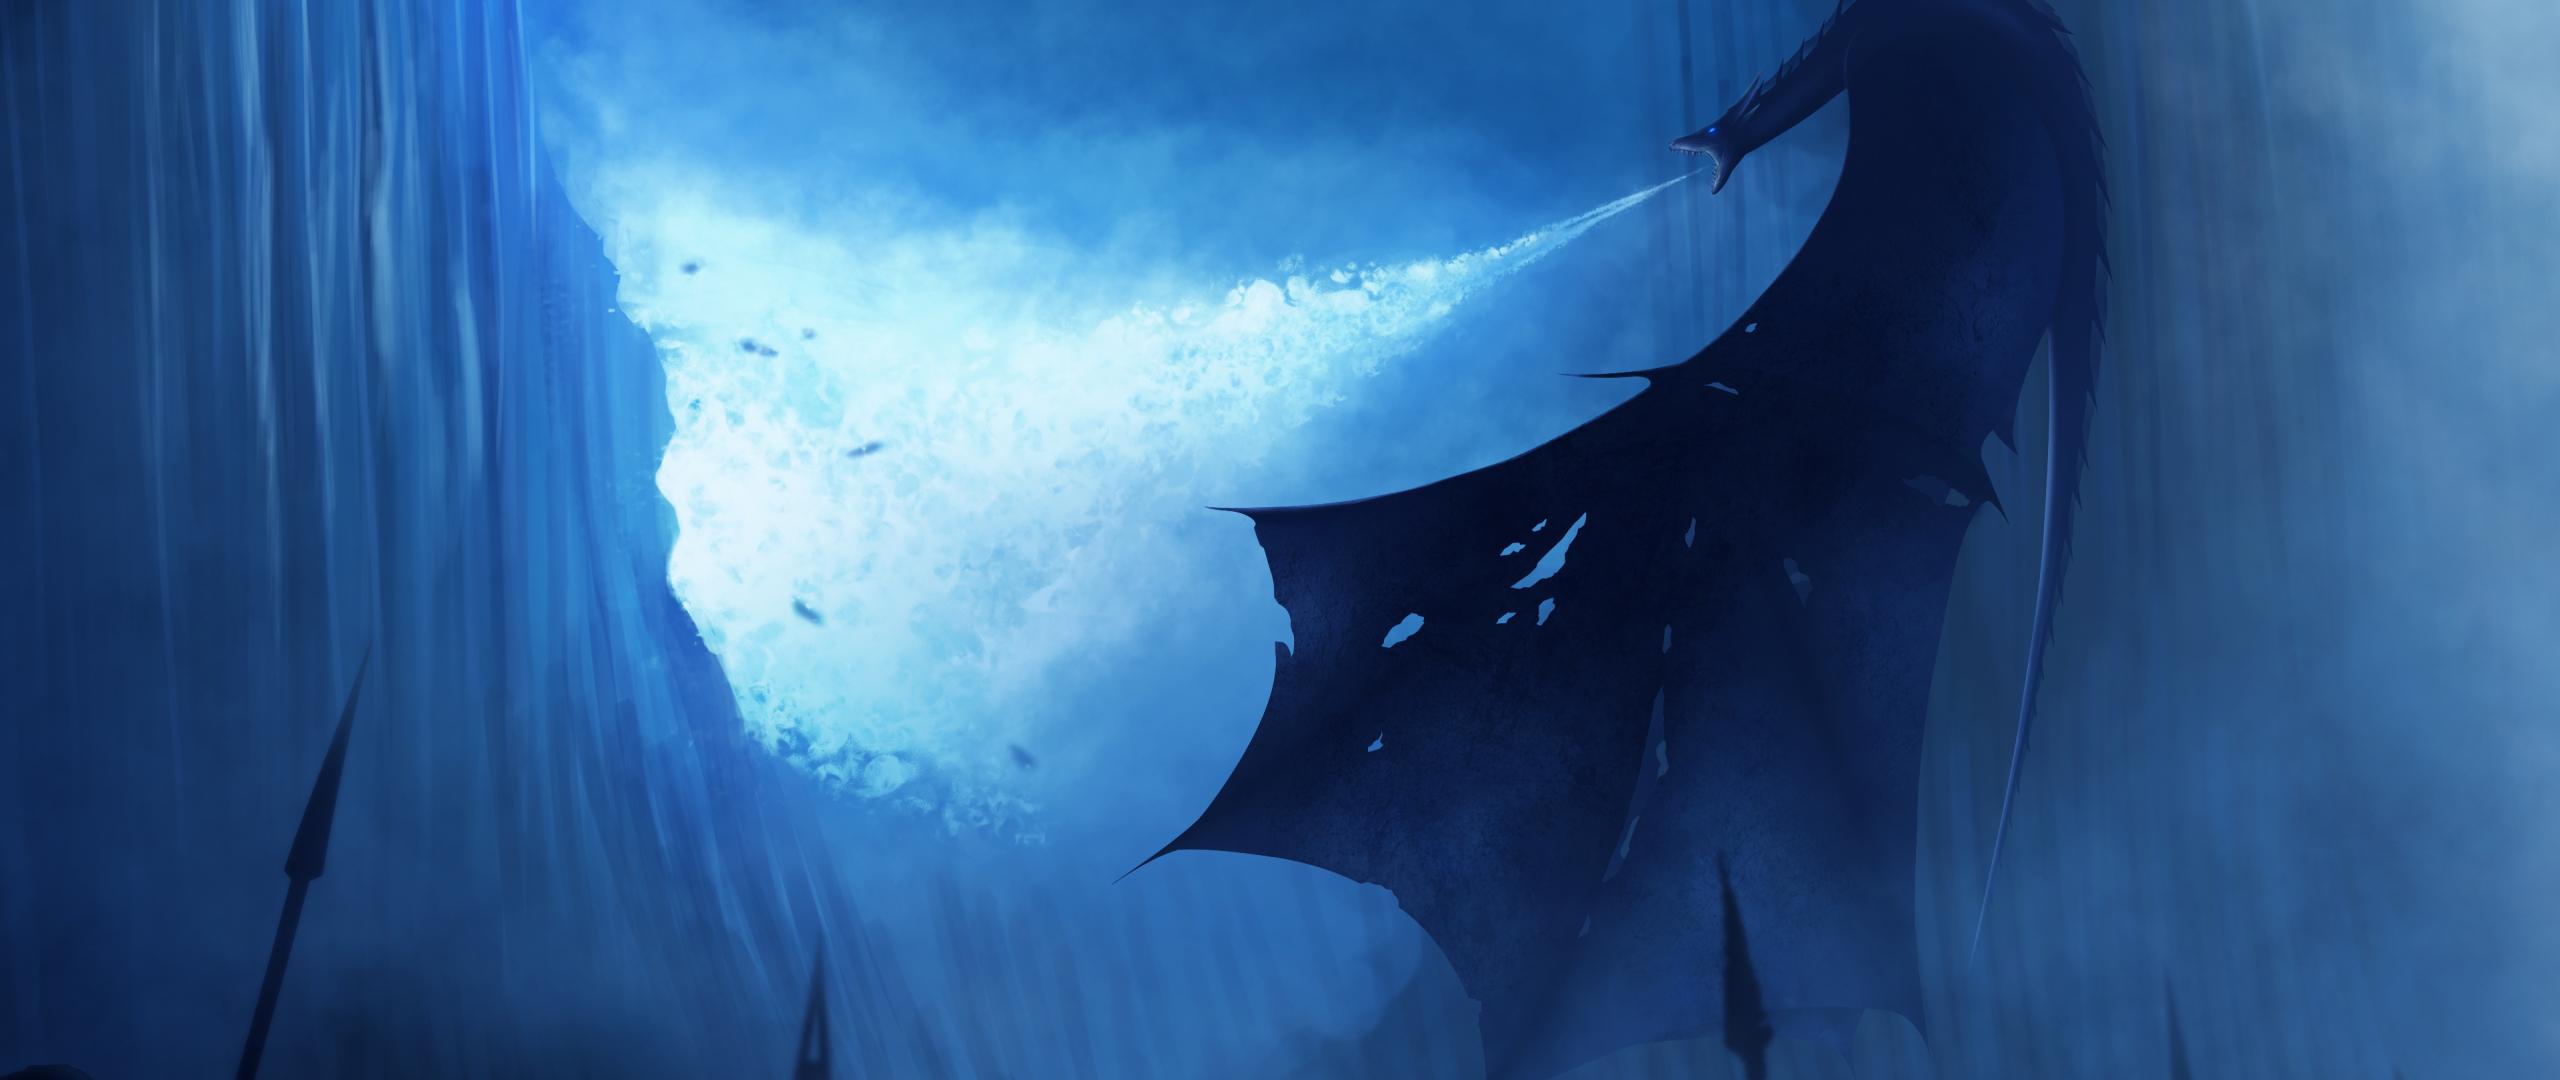 White Walker Ice Dragon Breaking The Wall Hd 4k Wallpaper